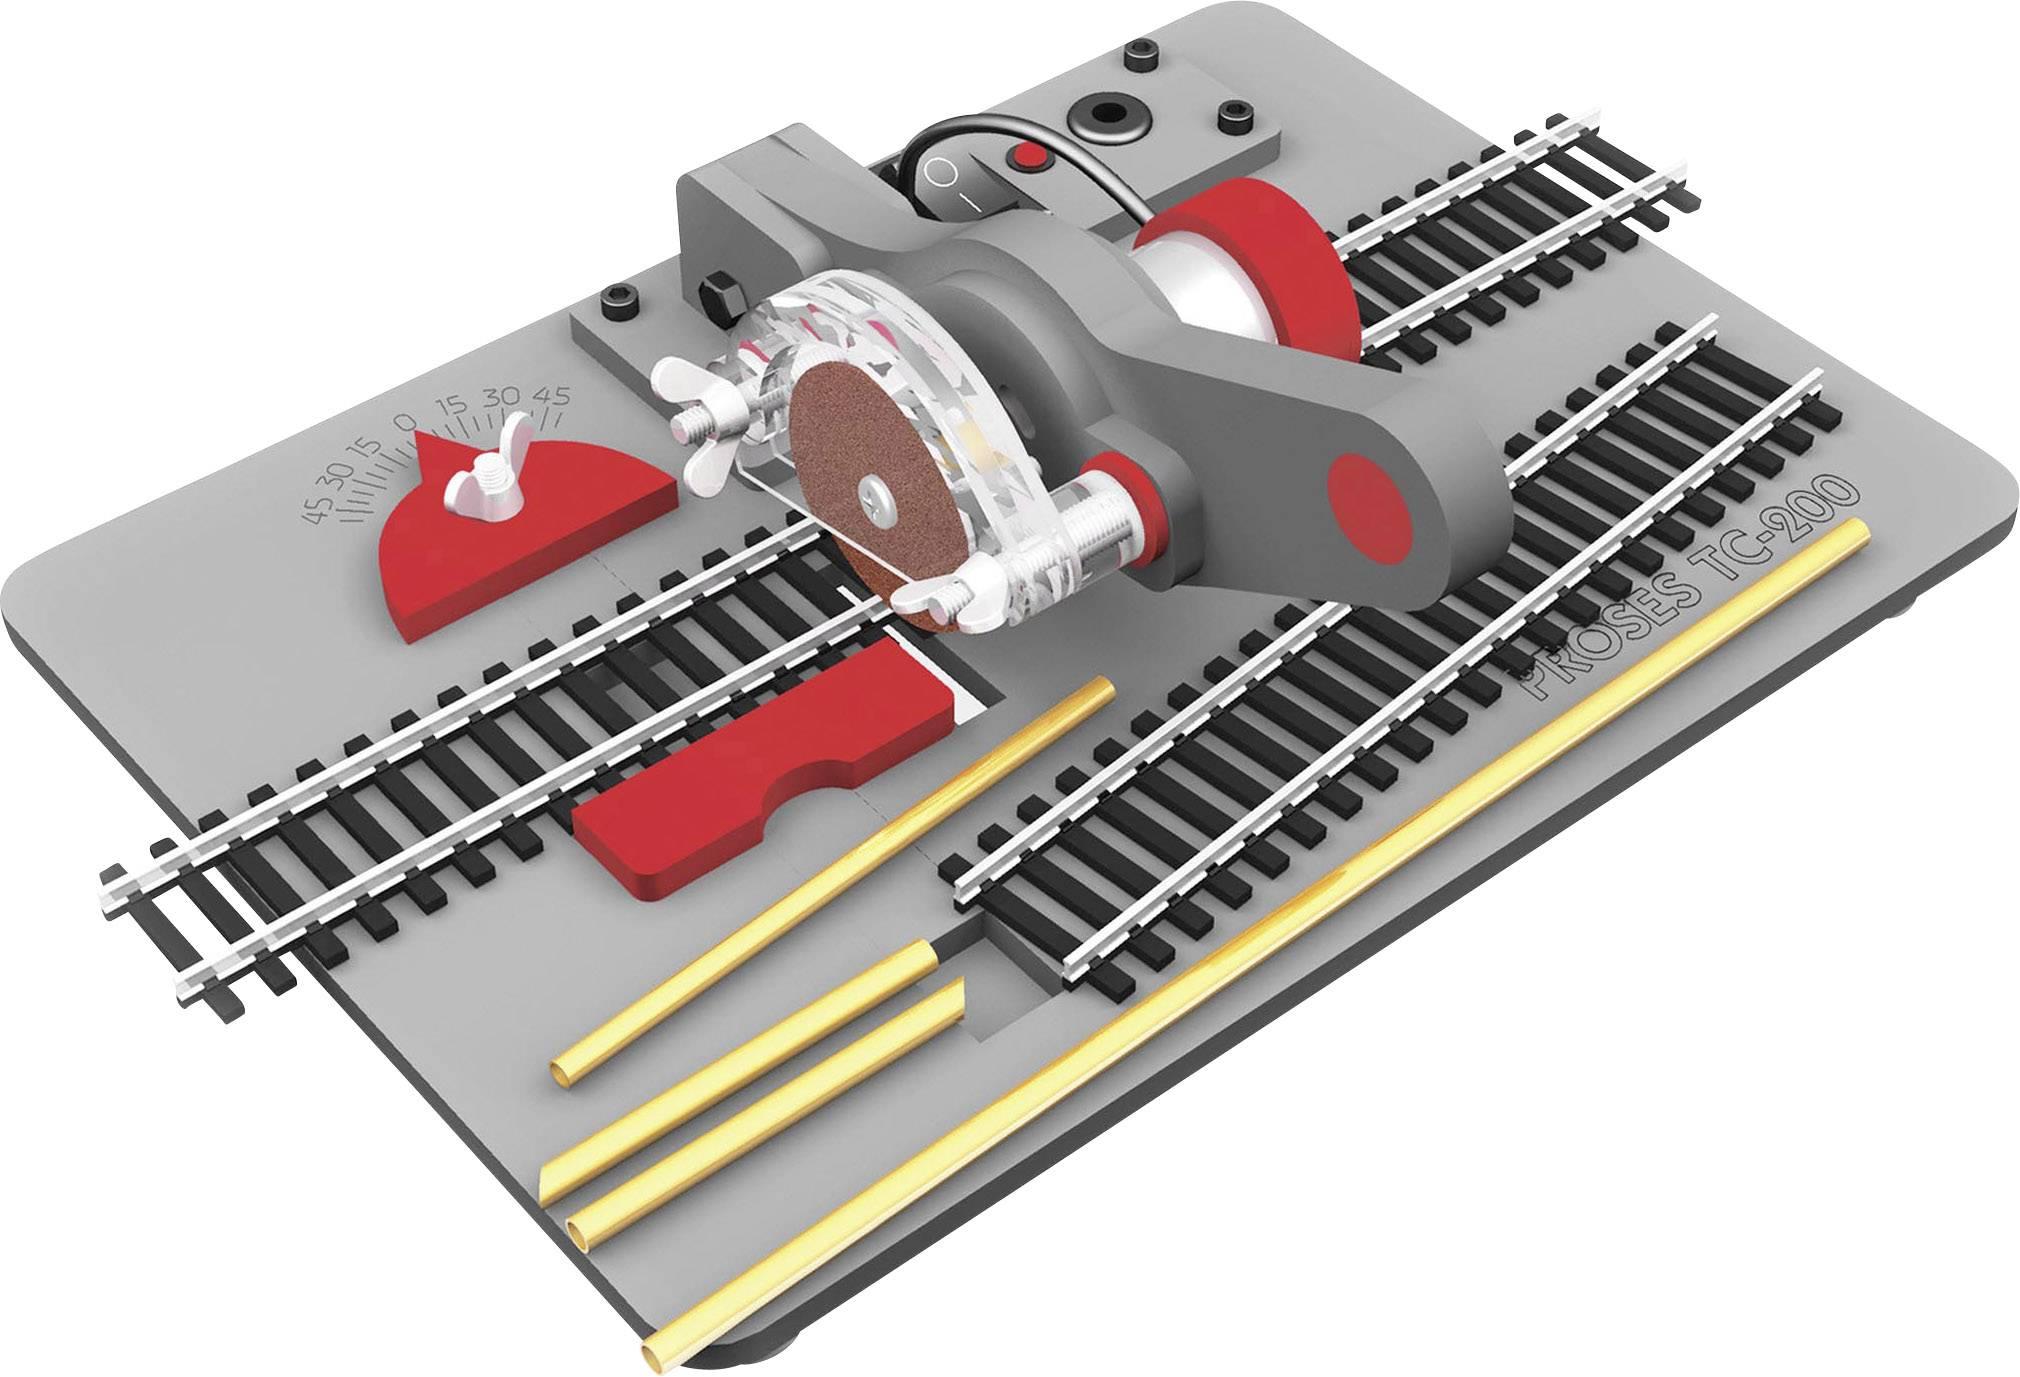 Strumenti e utensili per modellismo ferroviario offerprice